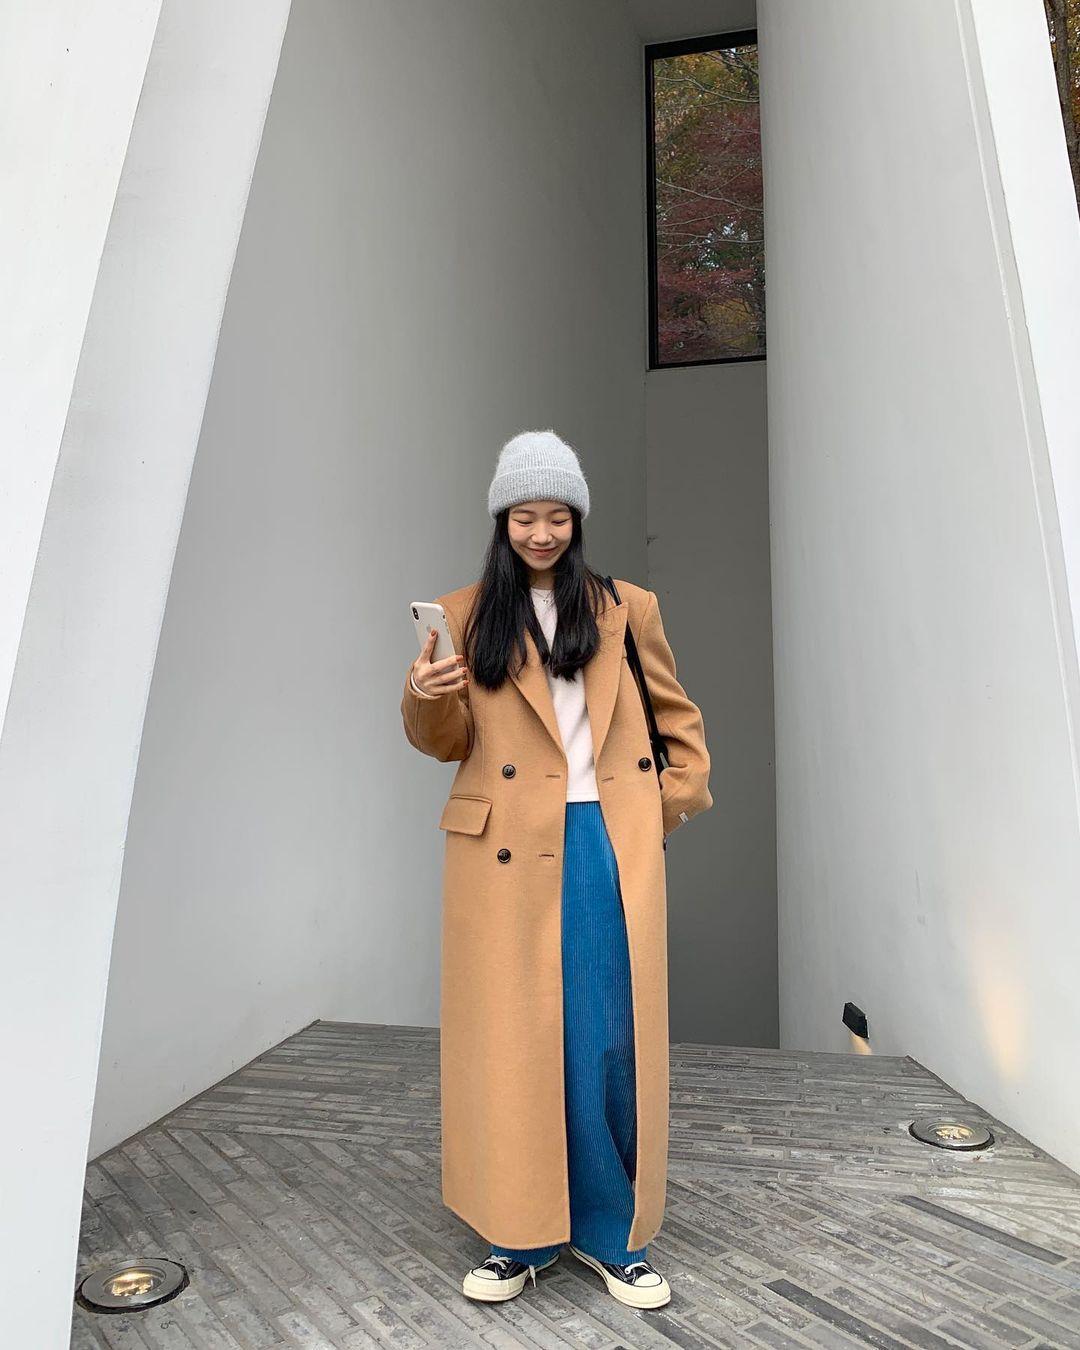 Mùa Đông diện áo khoác dáng dài là ấm nhất nhưng diện sao cho tôn dáng và sành điệu thì phải học 10 gợi ý sau - Ảnh 2.